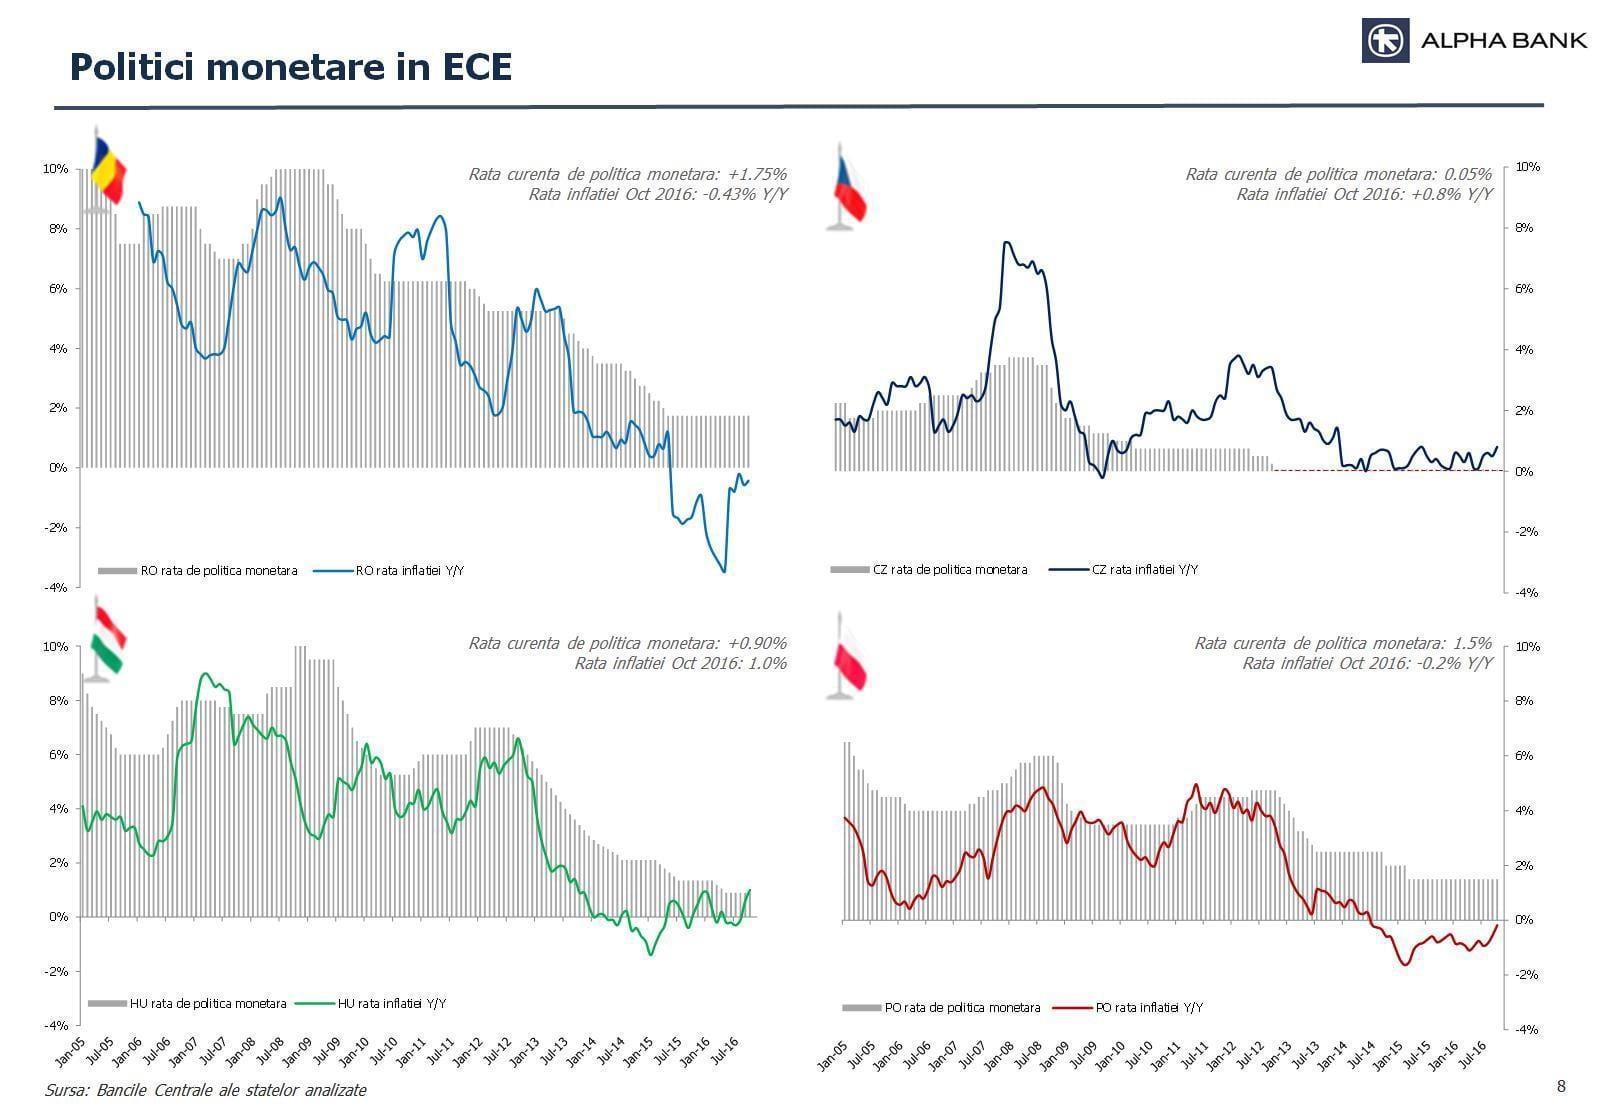 politici-monetare-ece